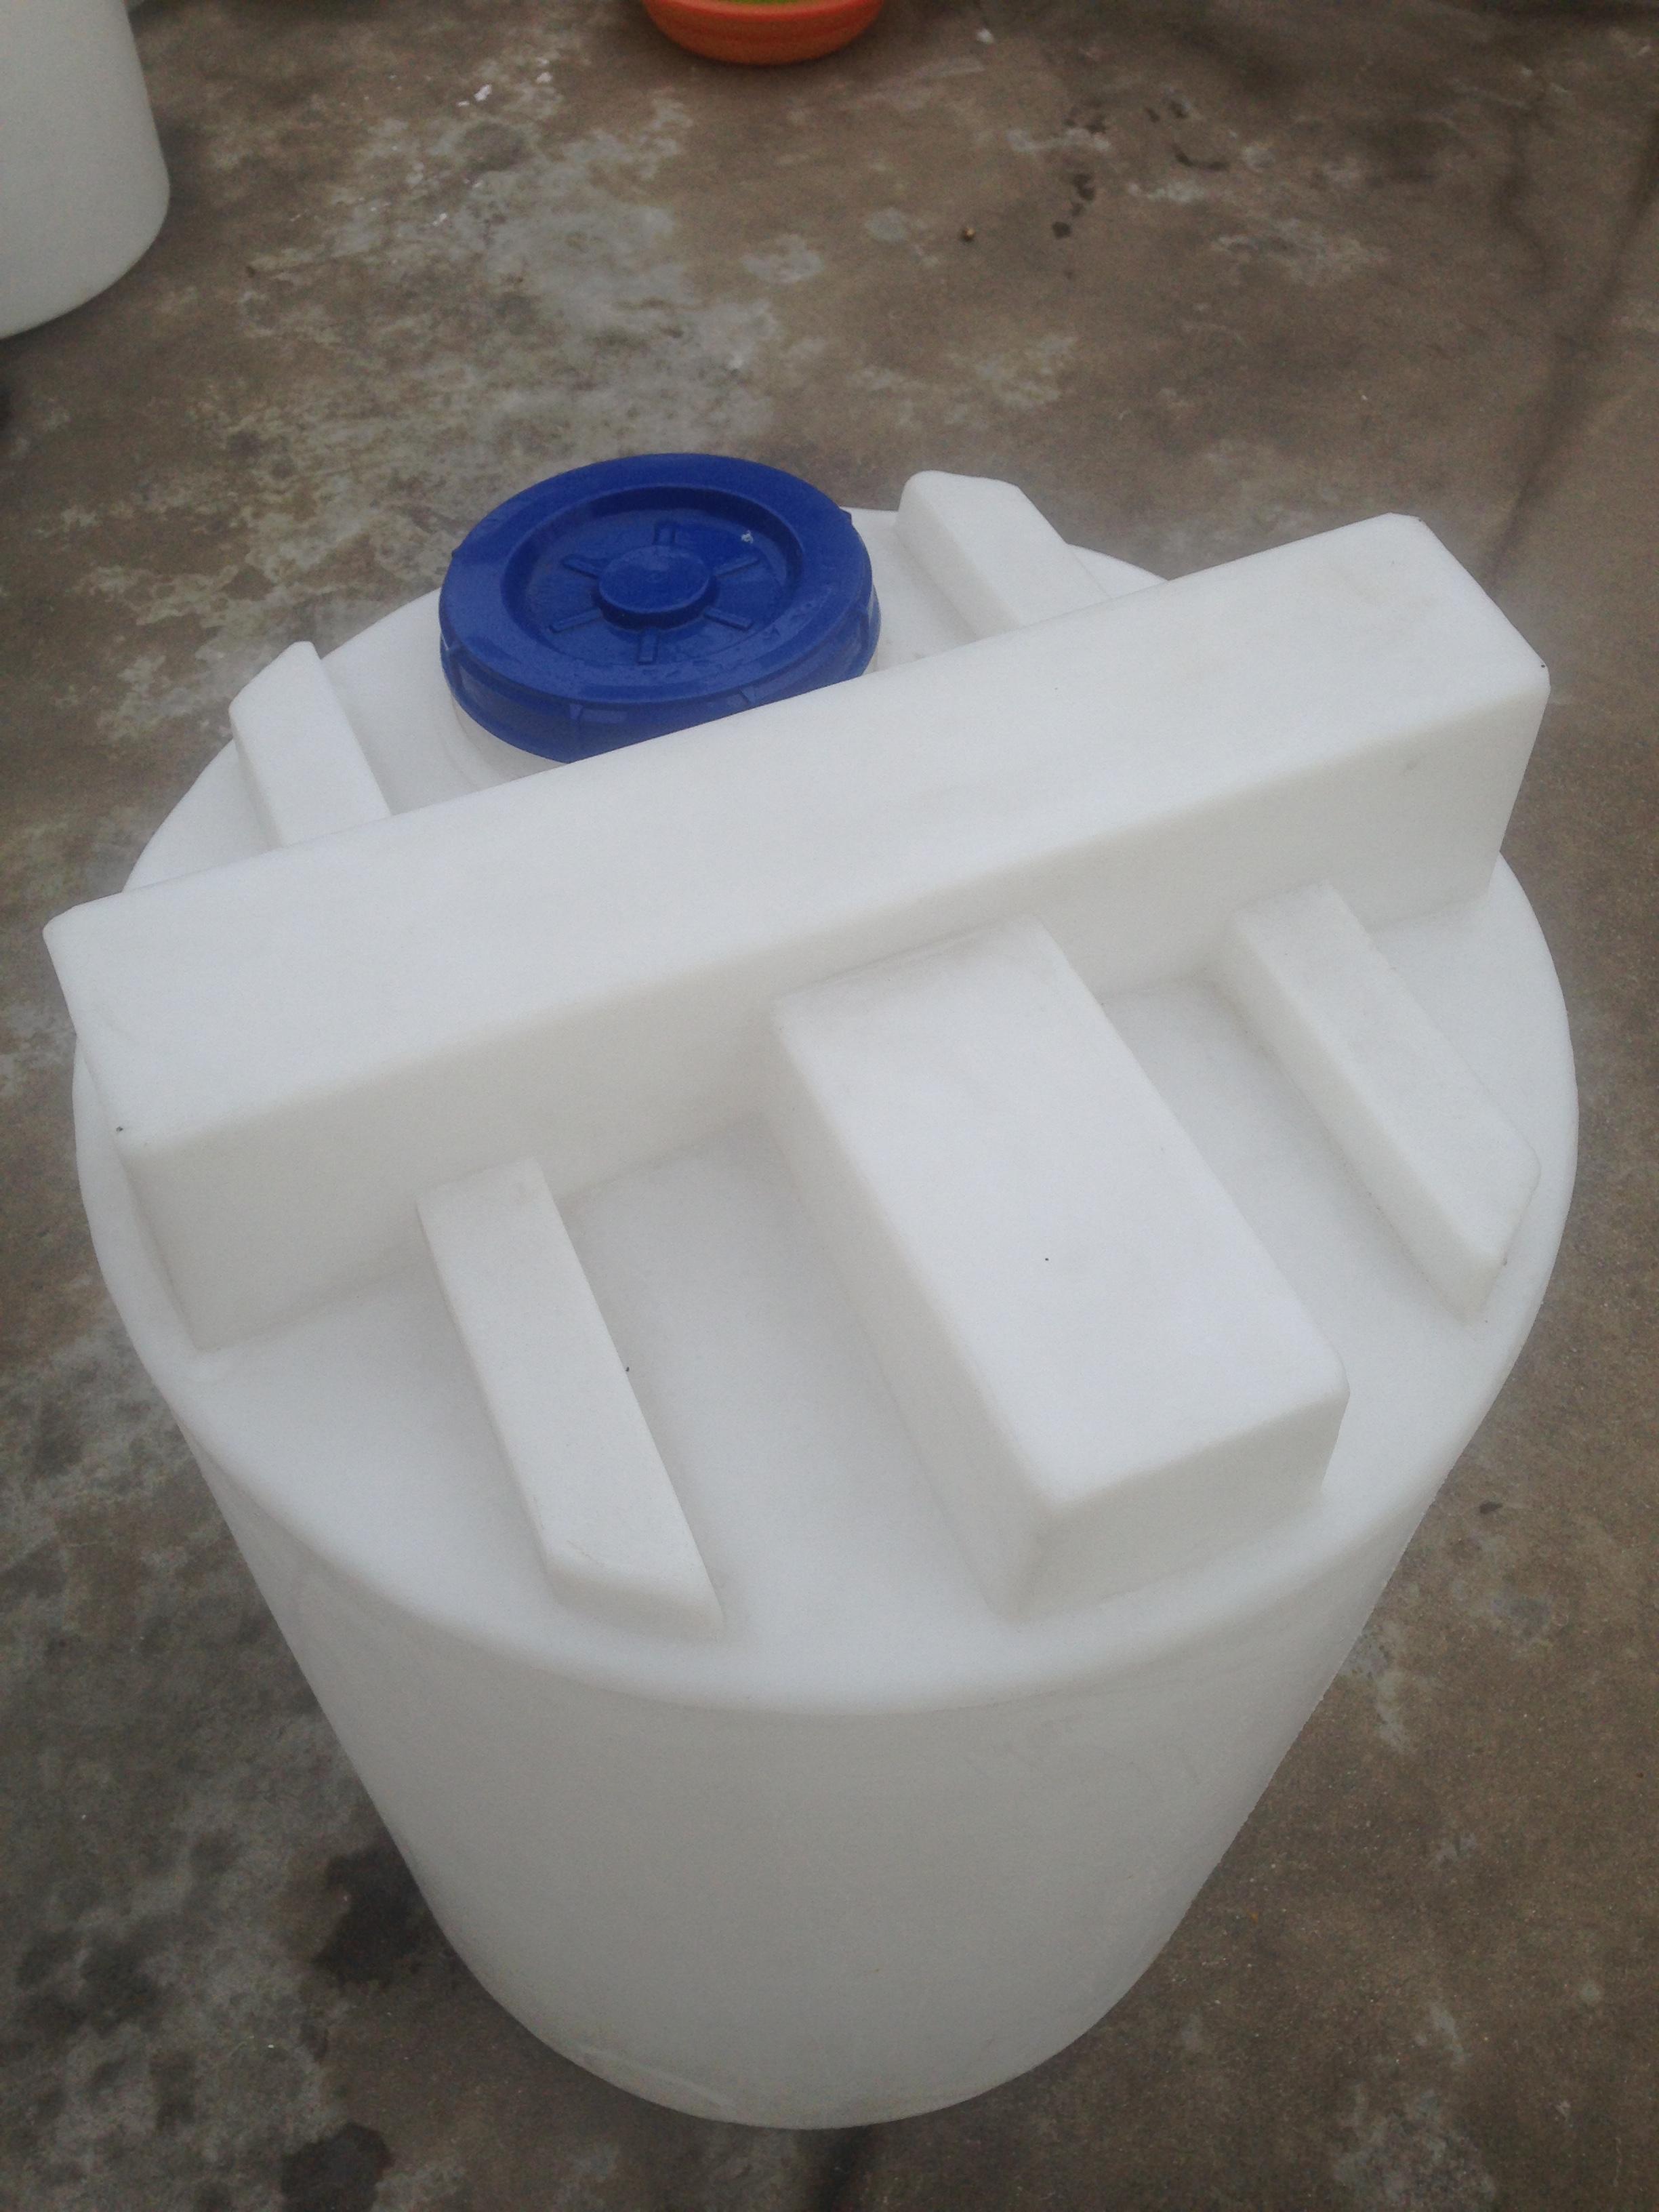 1 ihr additive kunststoffbehälter korrosionsschutz gegen säure - base - 1 - tonnen - Chemical milchsäurebakterien flache eimer Plus - kits rühren.